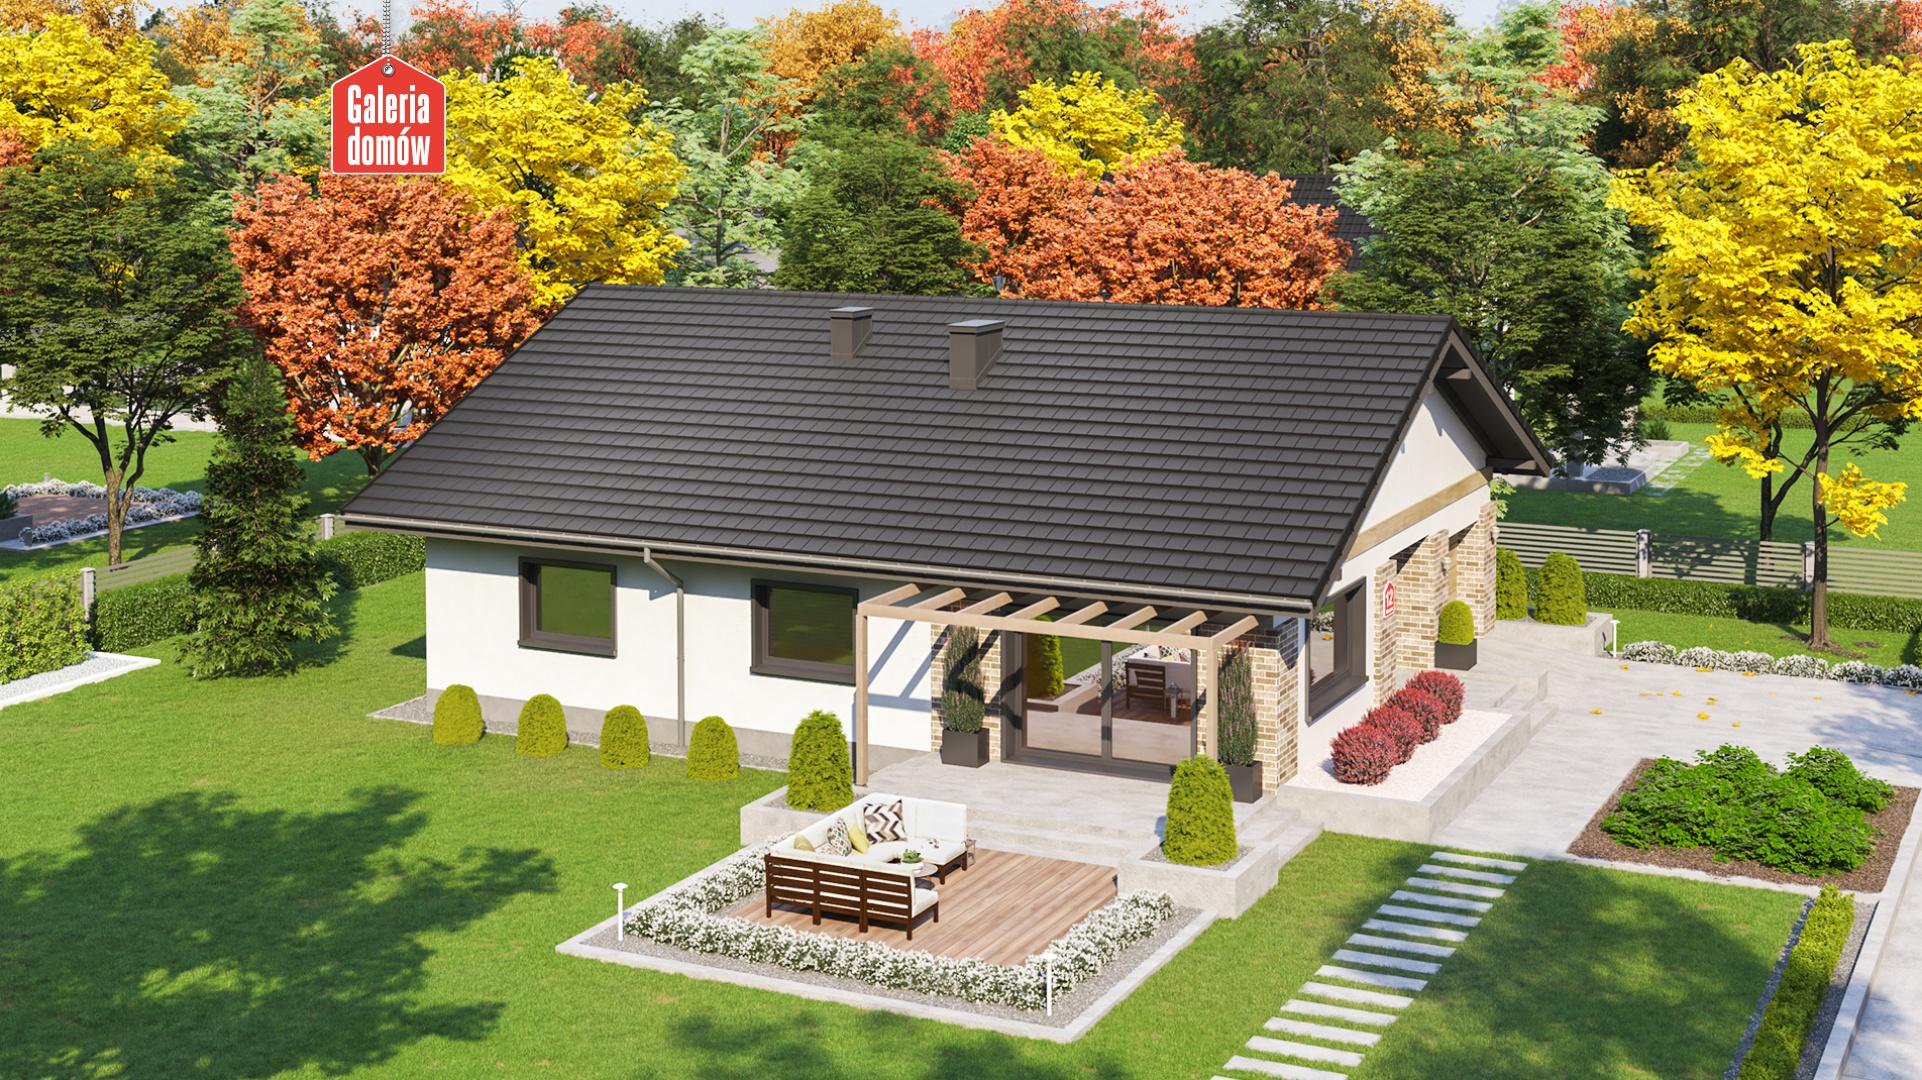 Dom przy Słonecznej 12 - widok od ogrodu